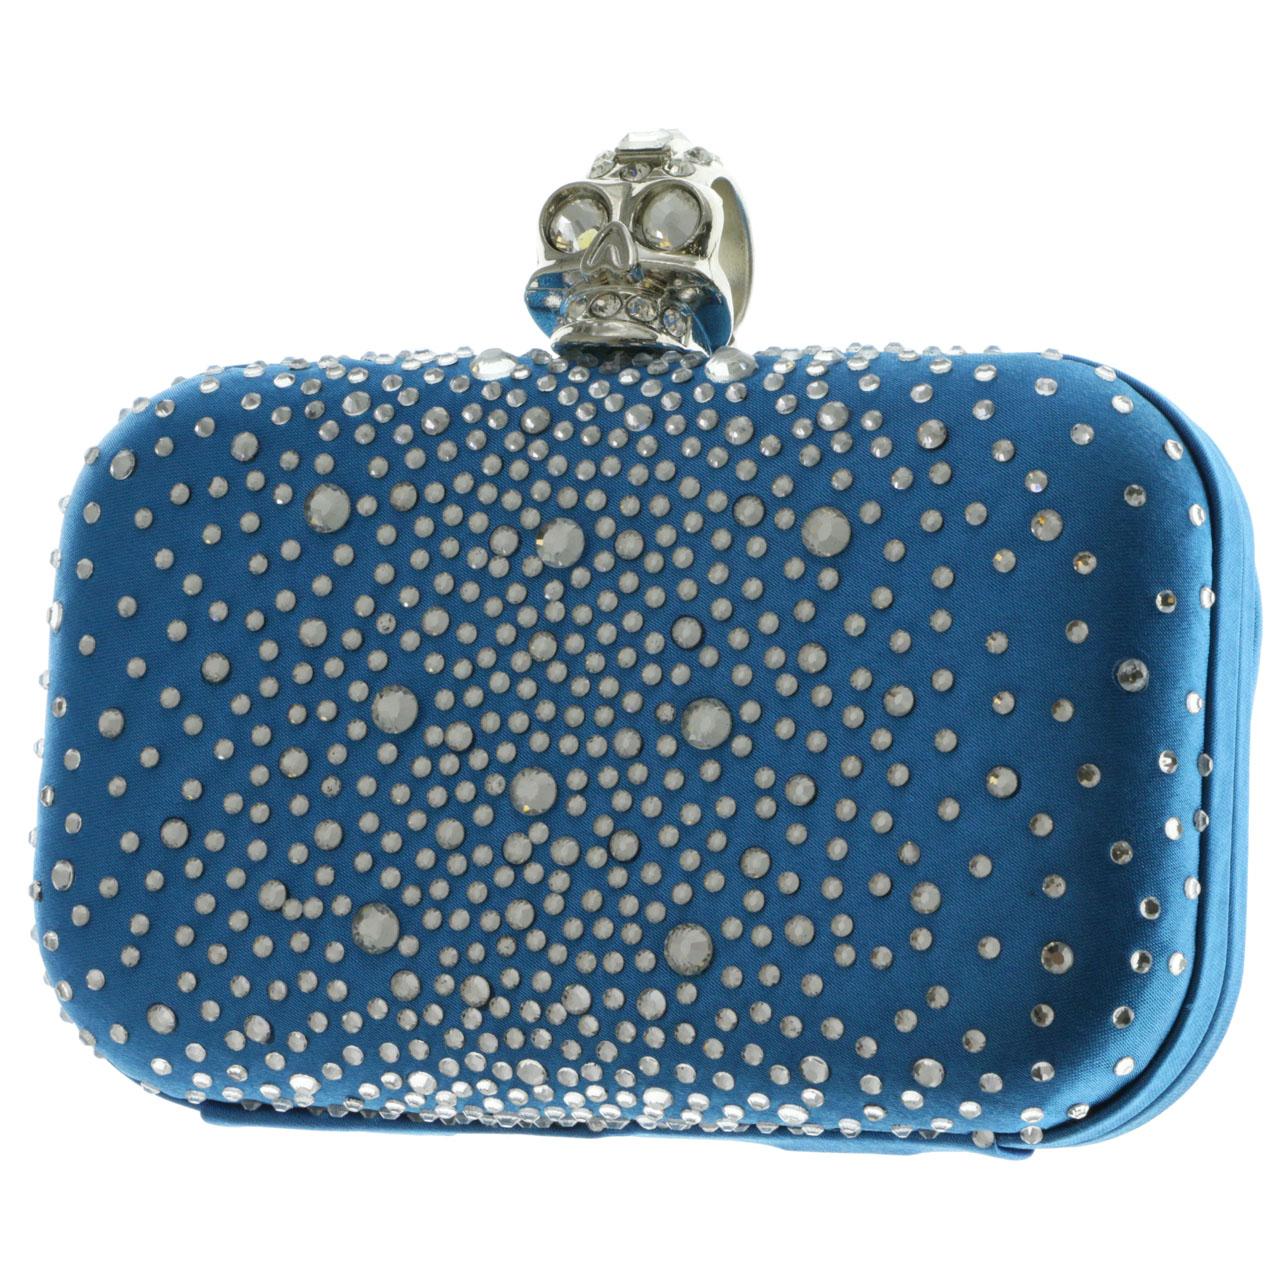 15fe54e13e Mi Amore Skull Ring Clutch-Purse Blue & Silver-Tone 763952343198 | eBay